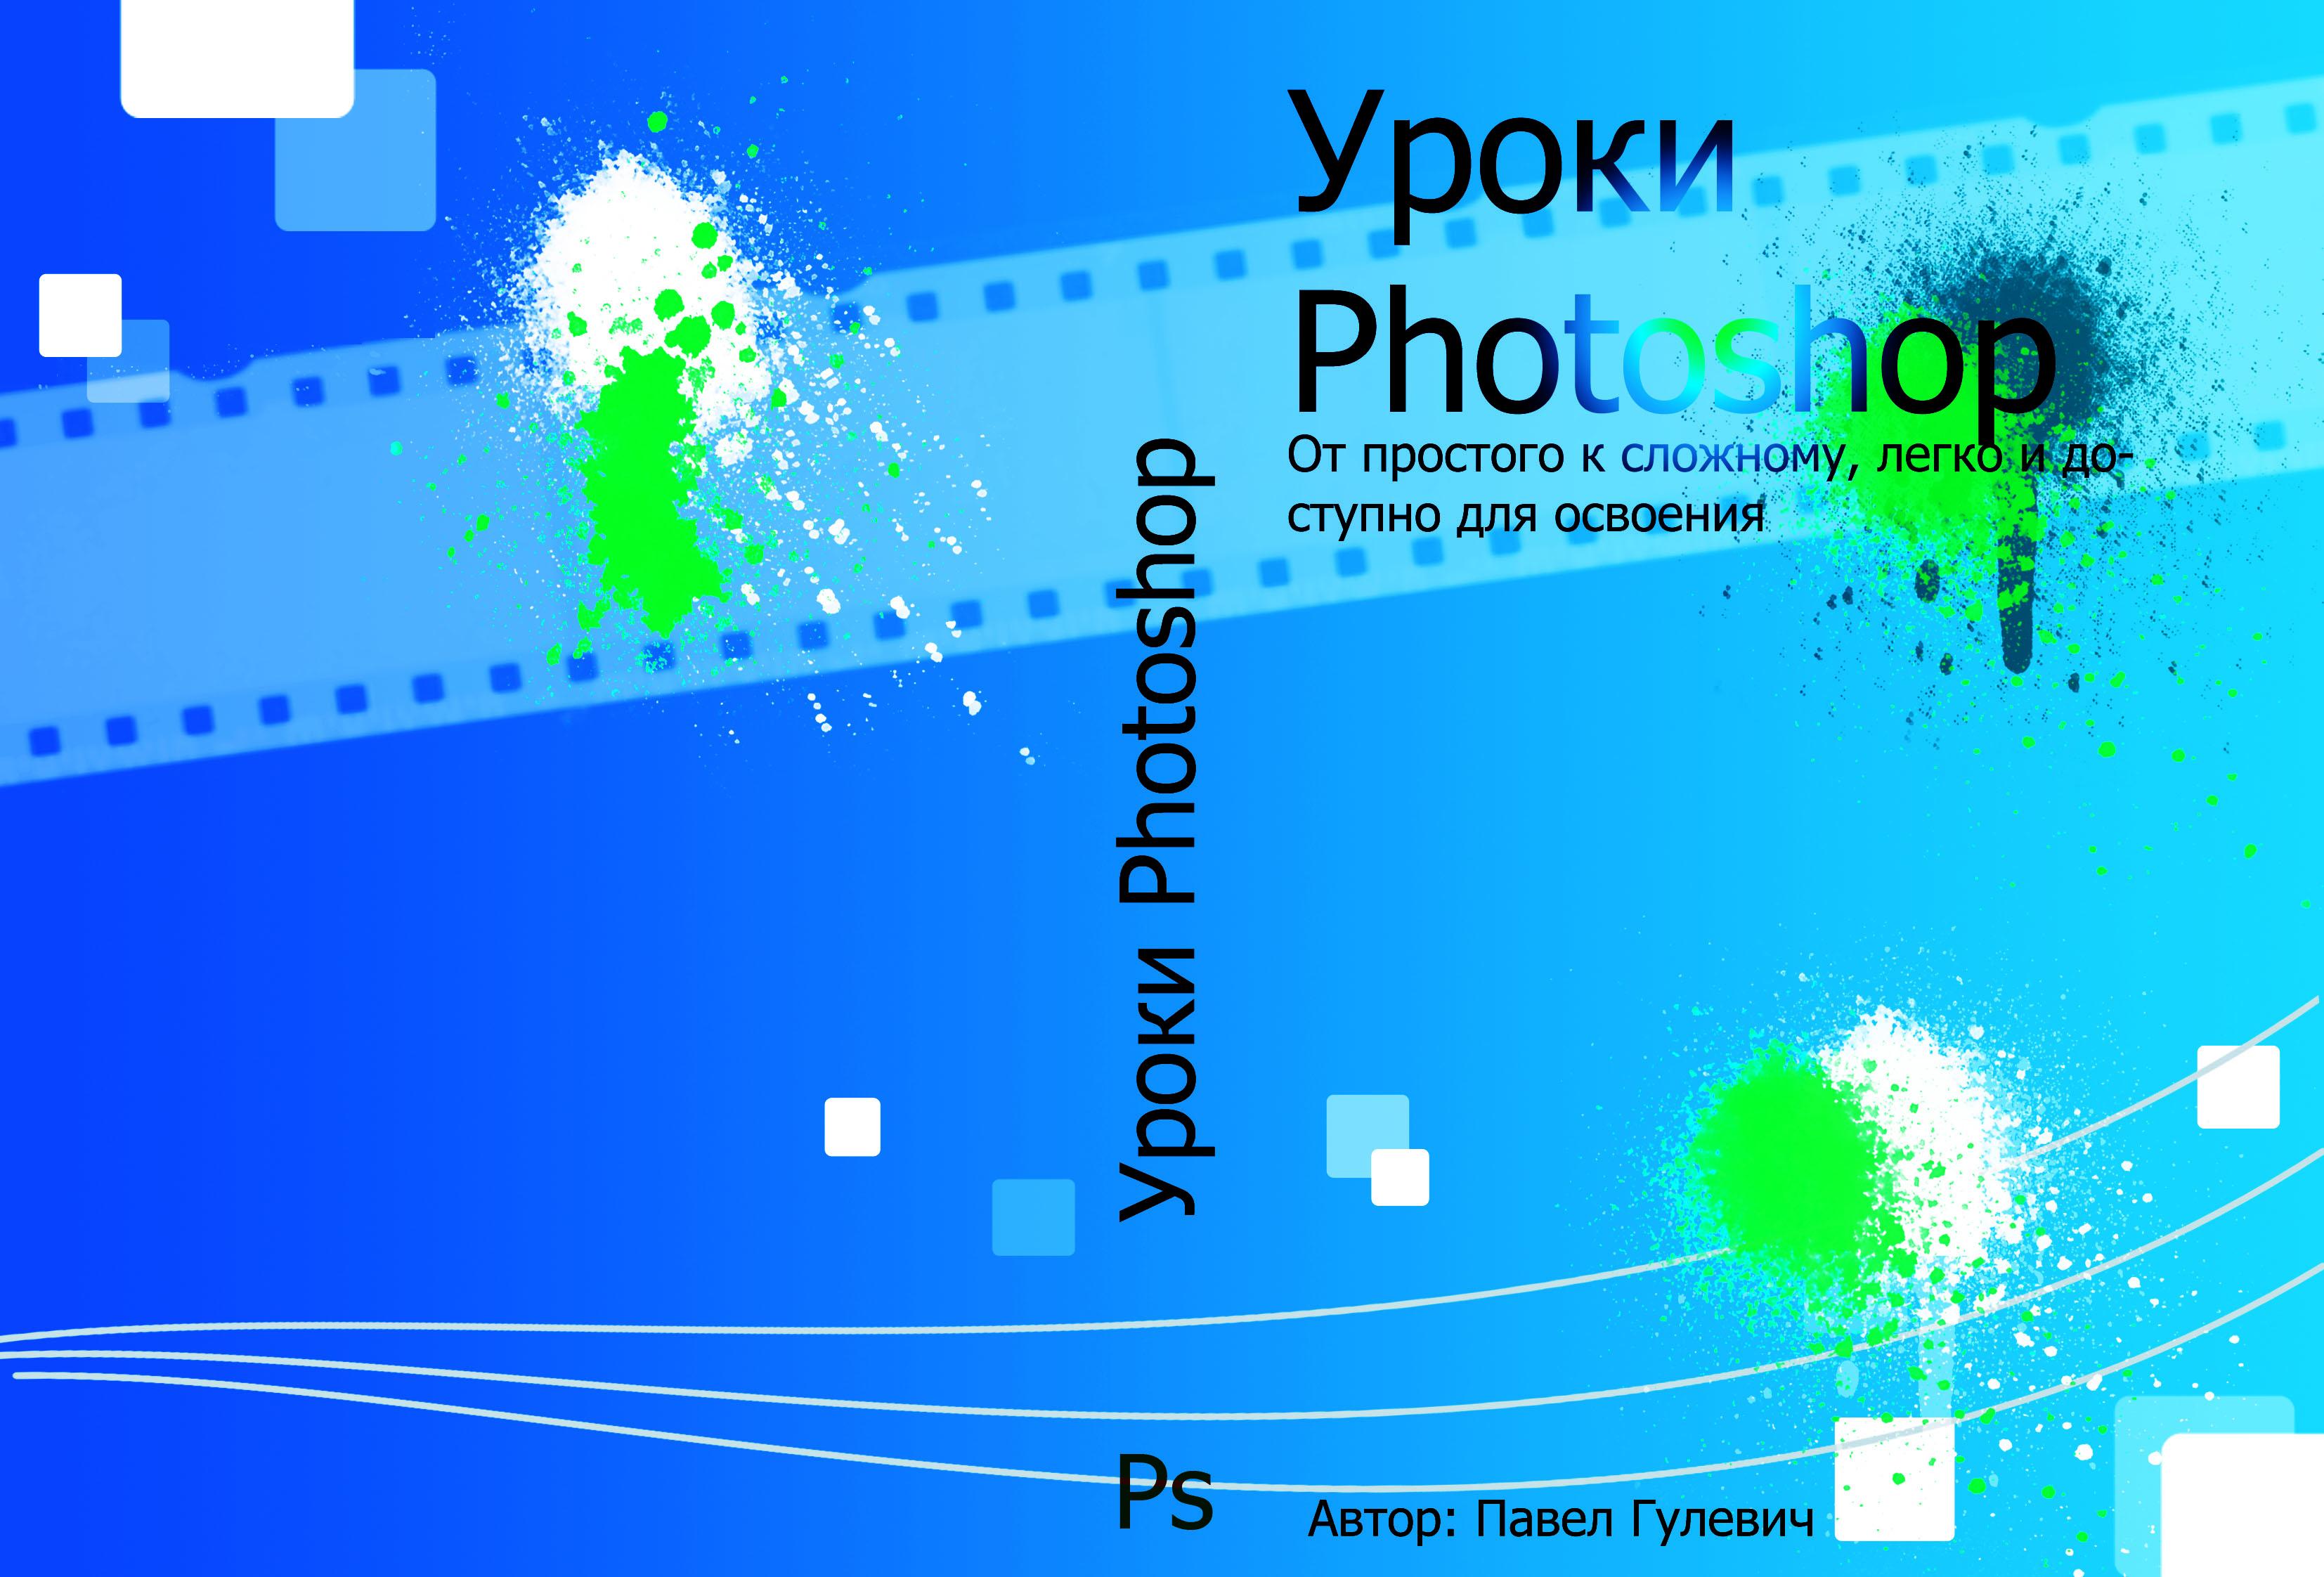 Создание дизайна DVD релиза (обложка, накатка, меню и т.п.) фото f_4d8b9d27ab21b.jpg